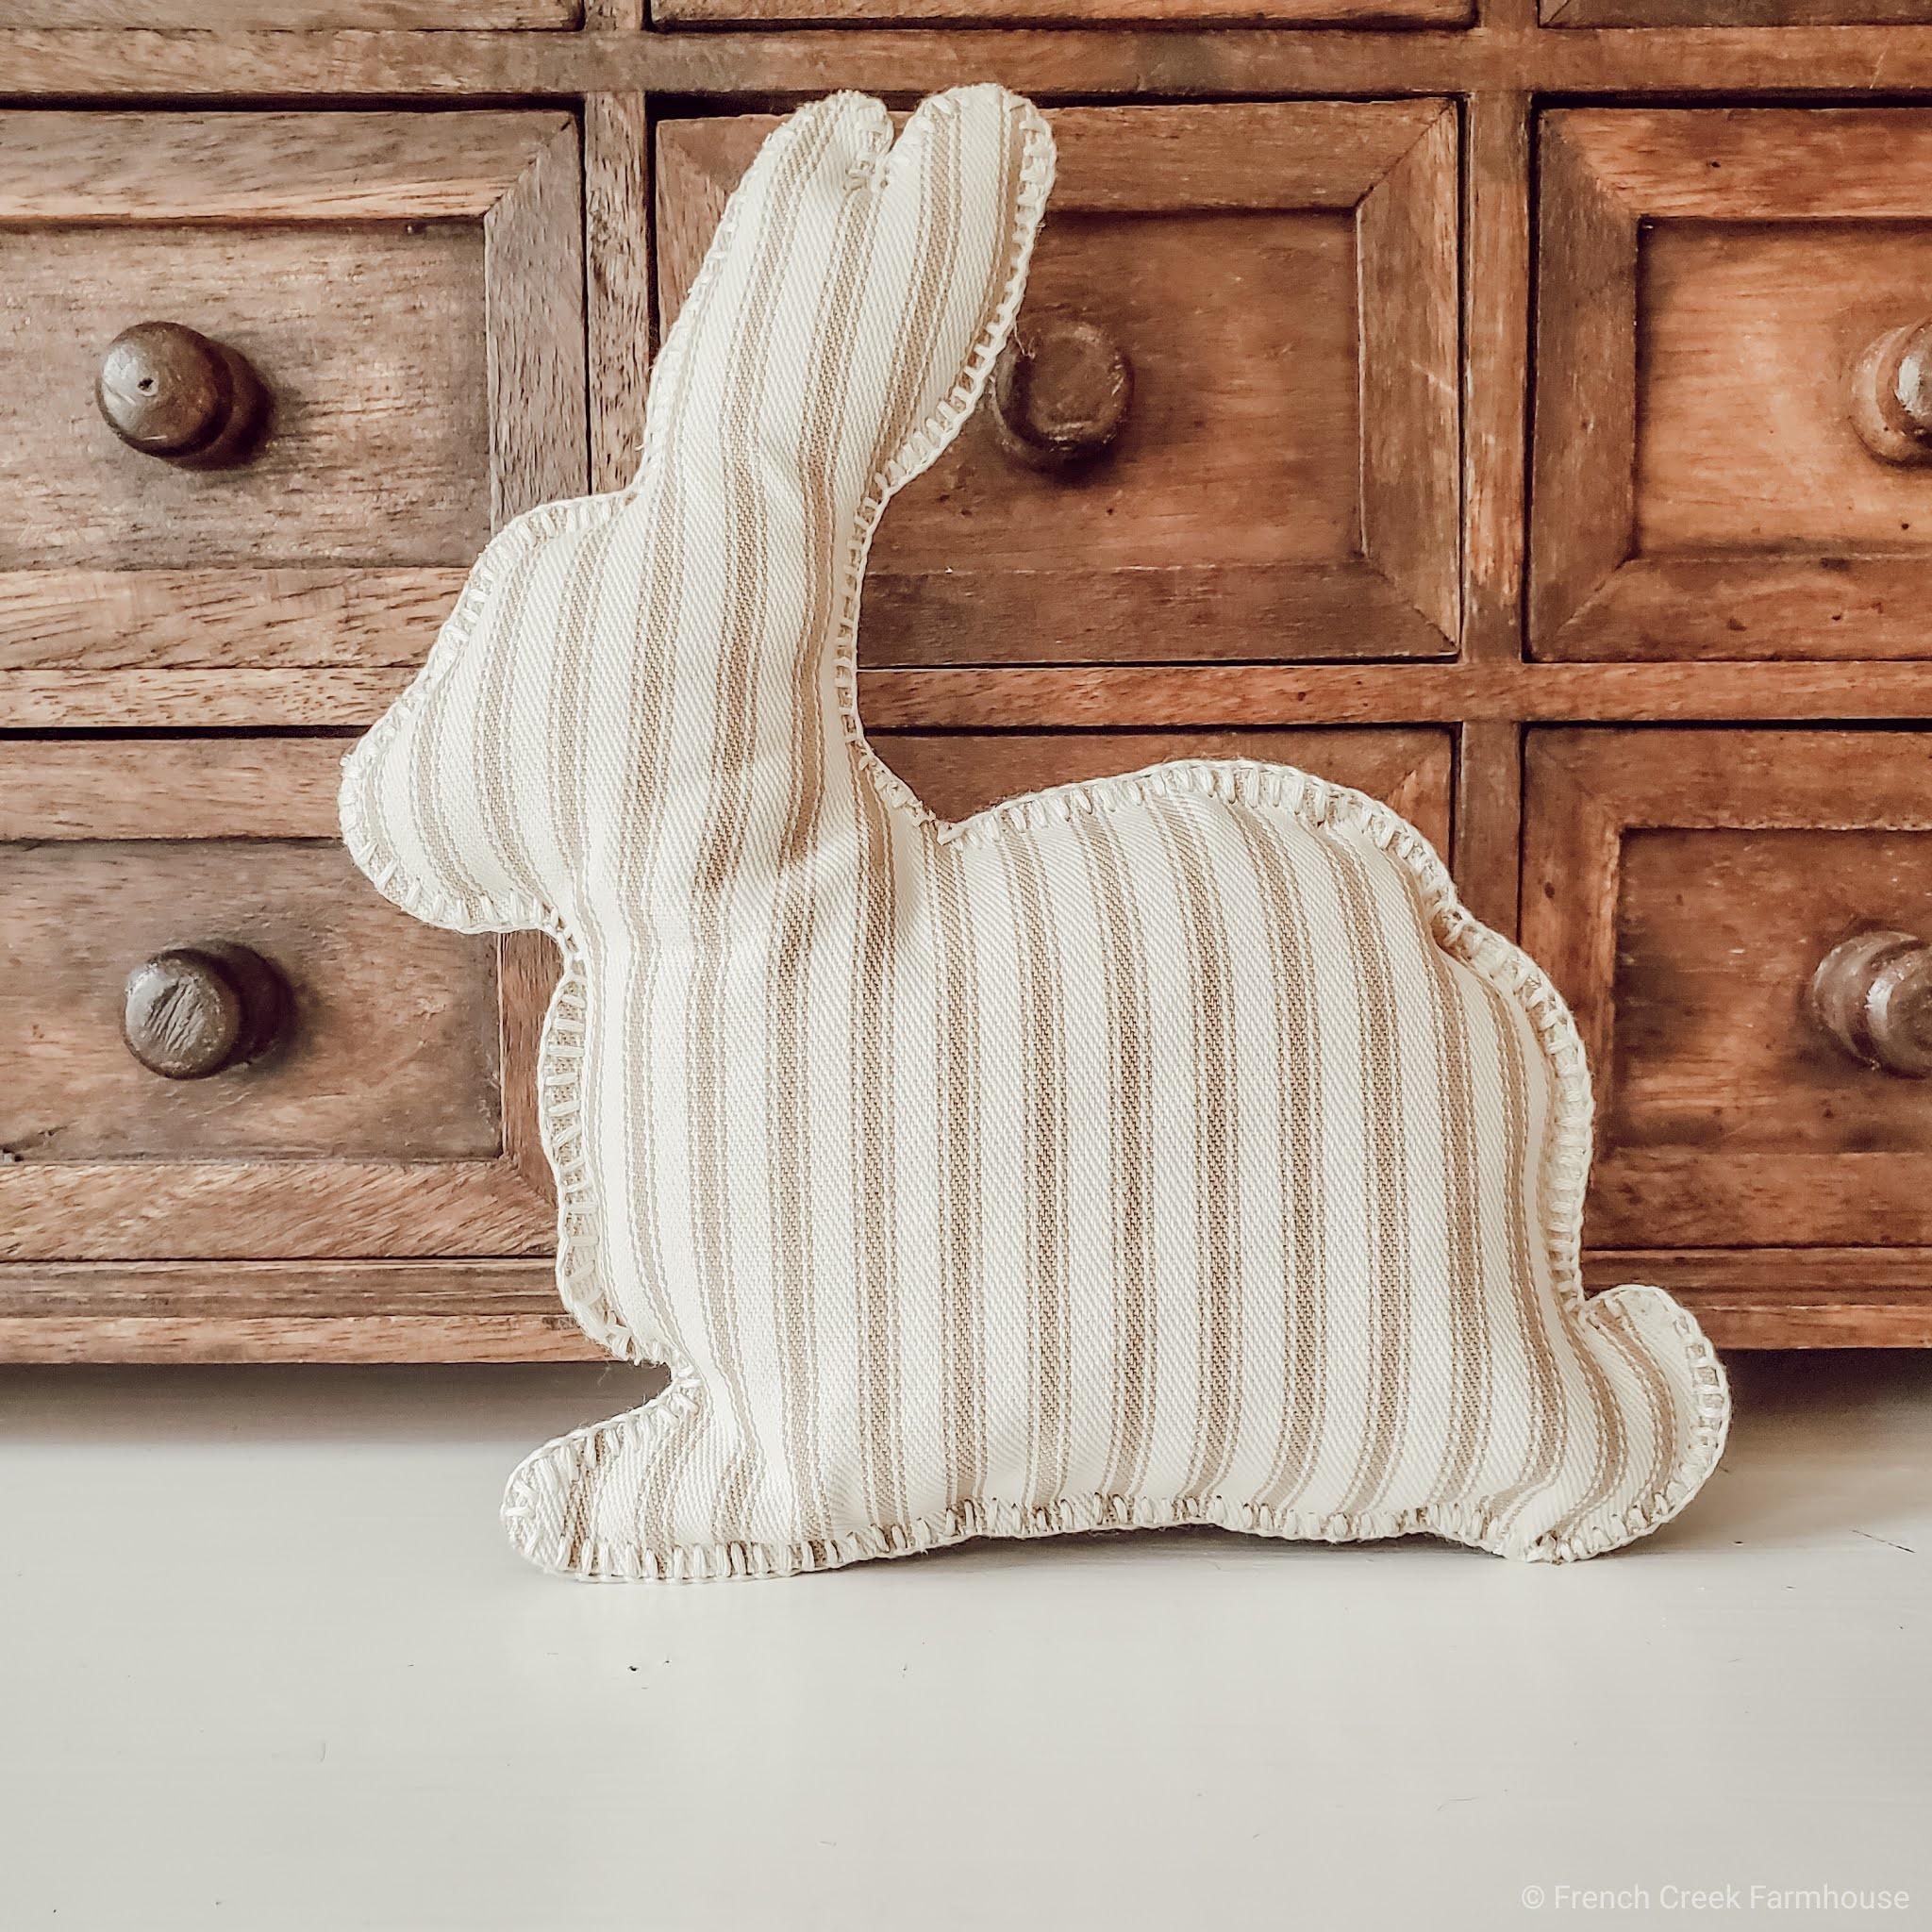 Ticking Stripe Farmhouse Bunny